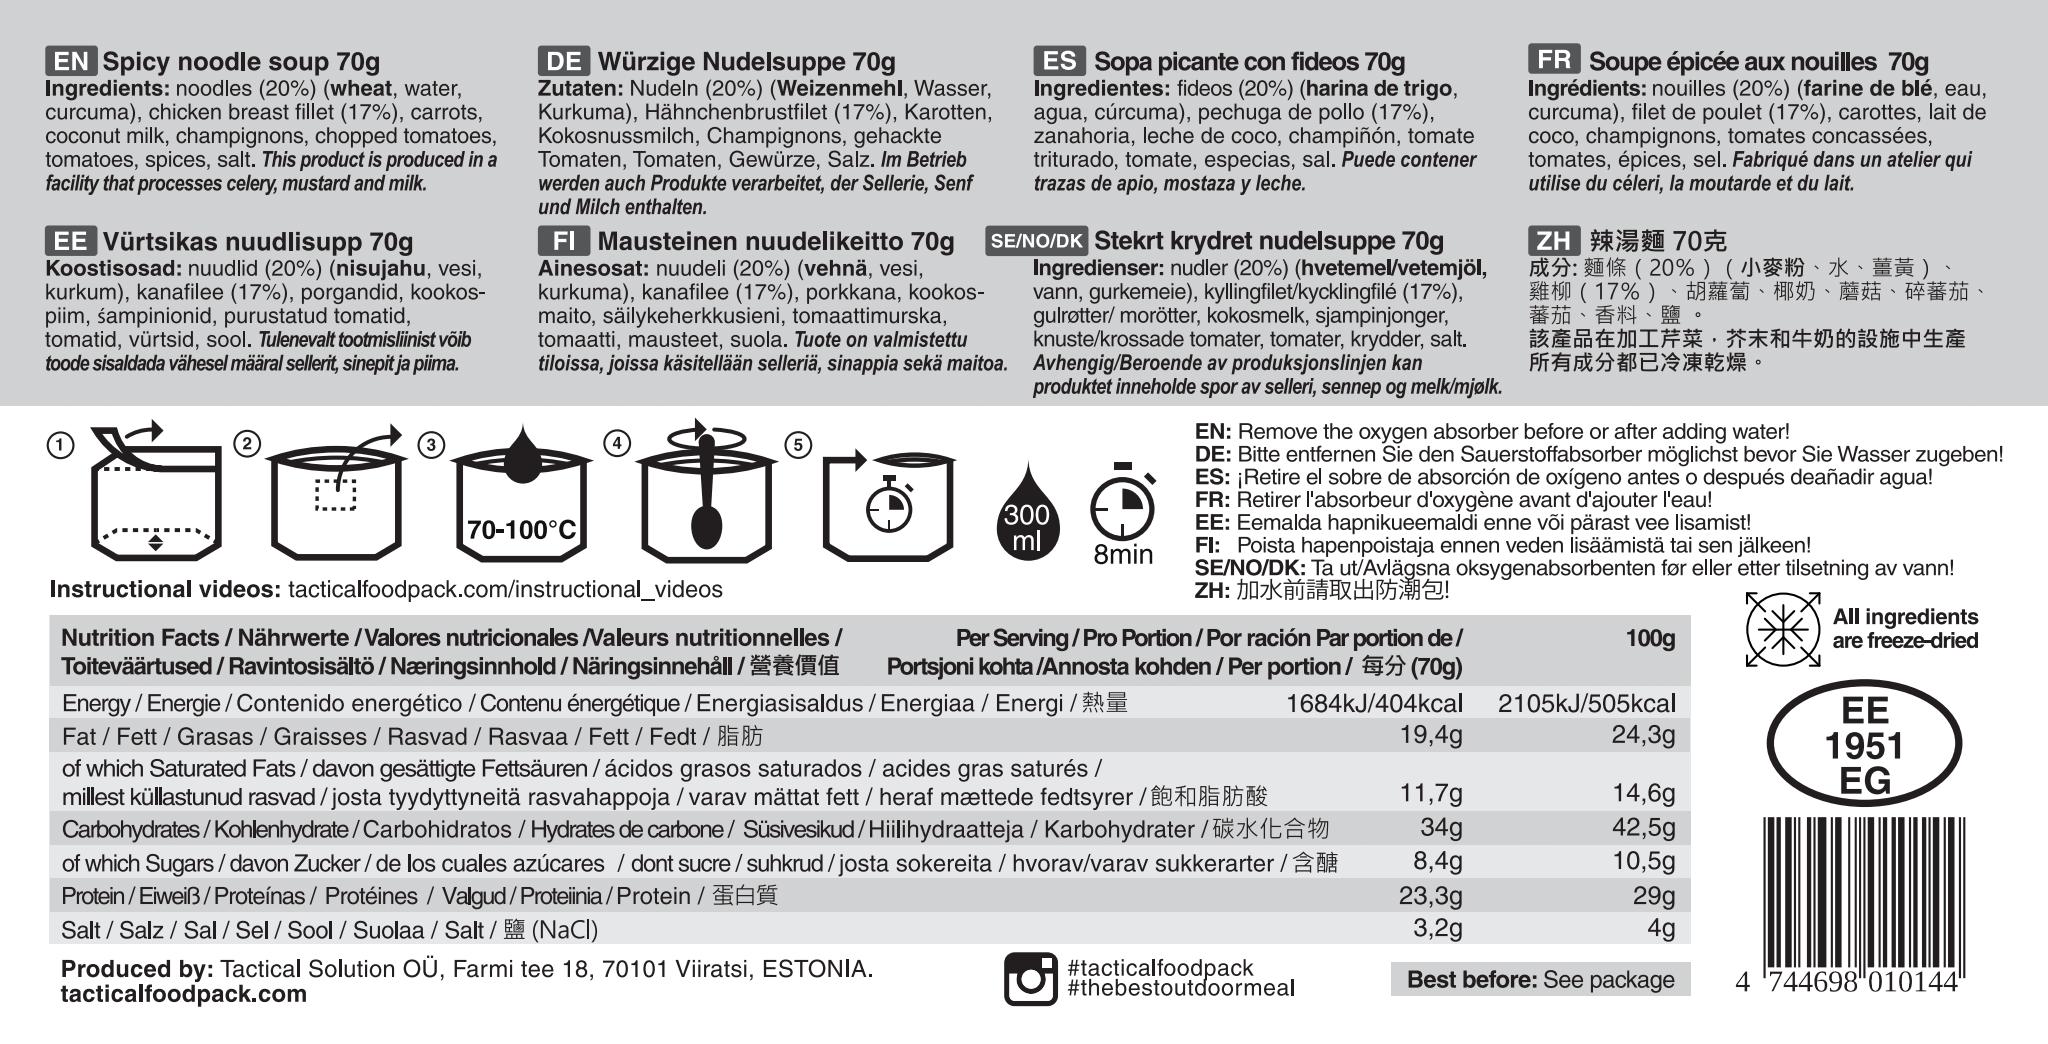 Dehidrirana hrana, Tactical Foodpack, Spicy Noodles Soup, B33 army shop, trgovina z vojaško opremo, vojaška trgovina